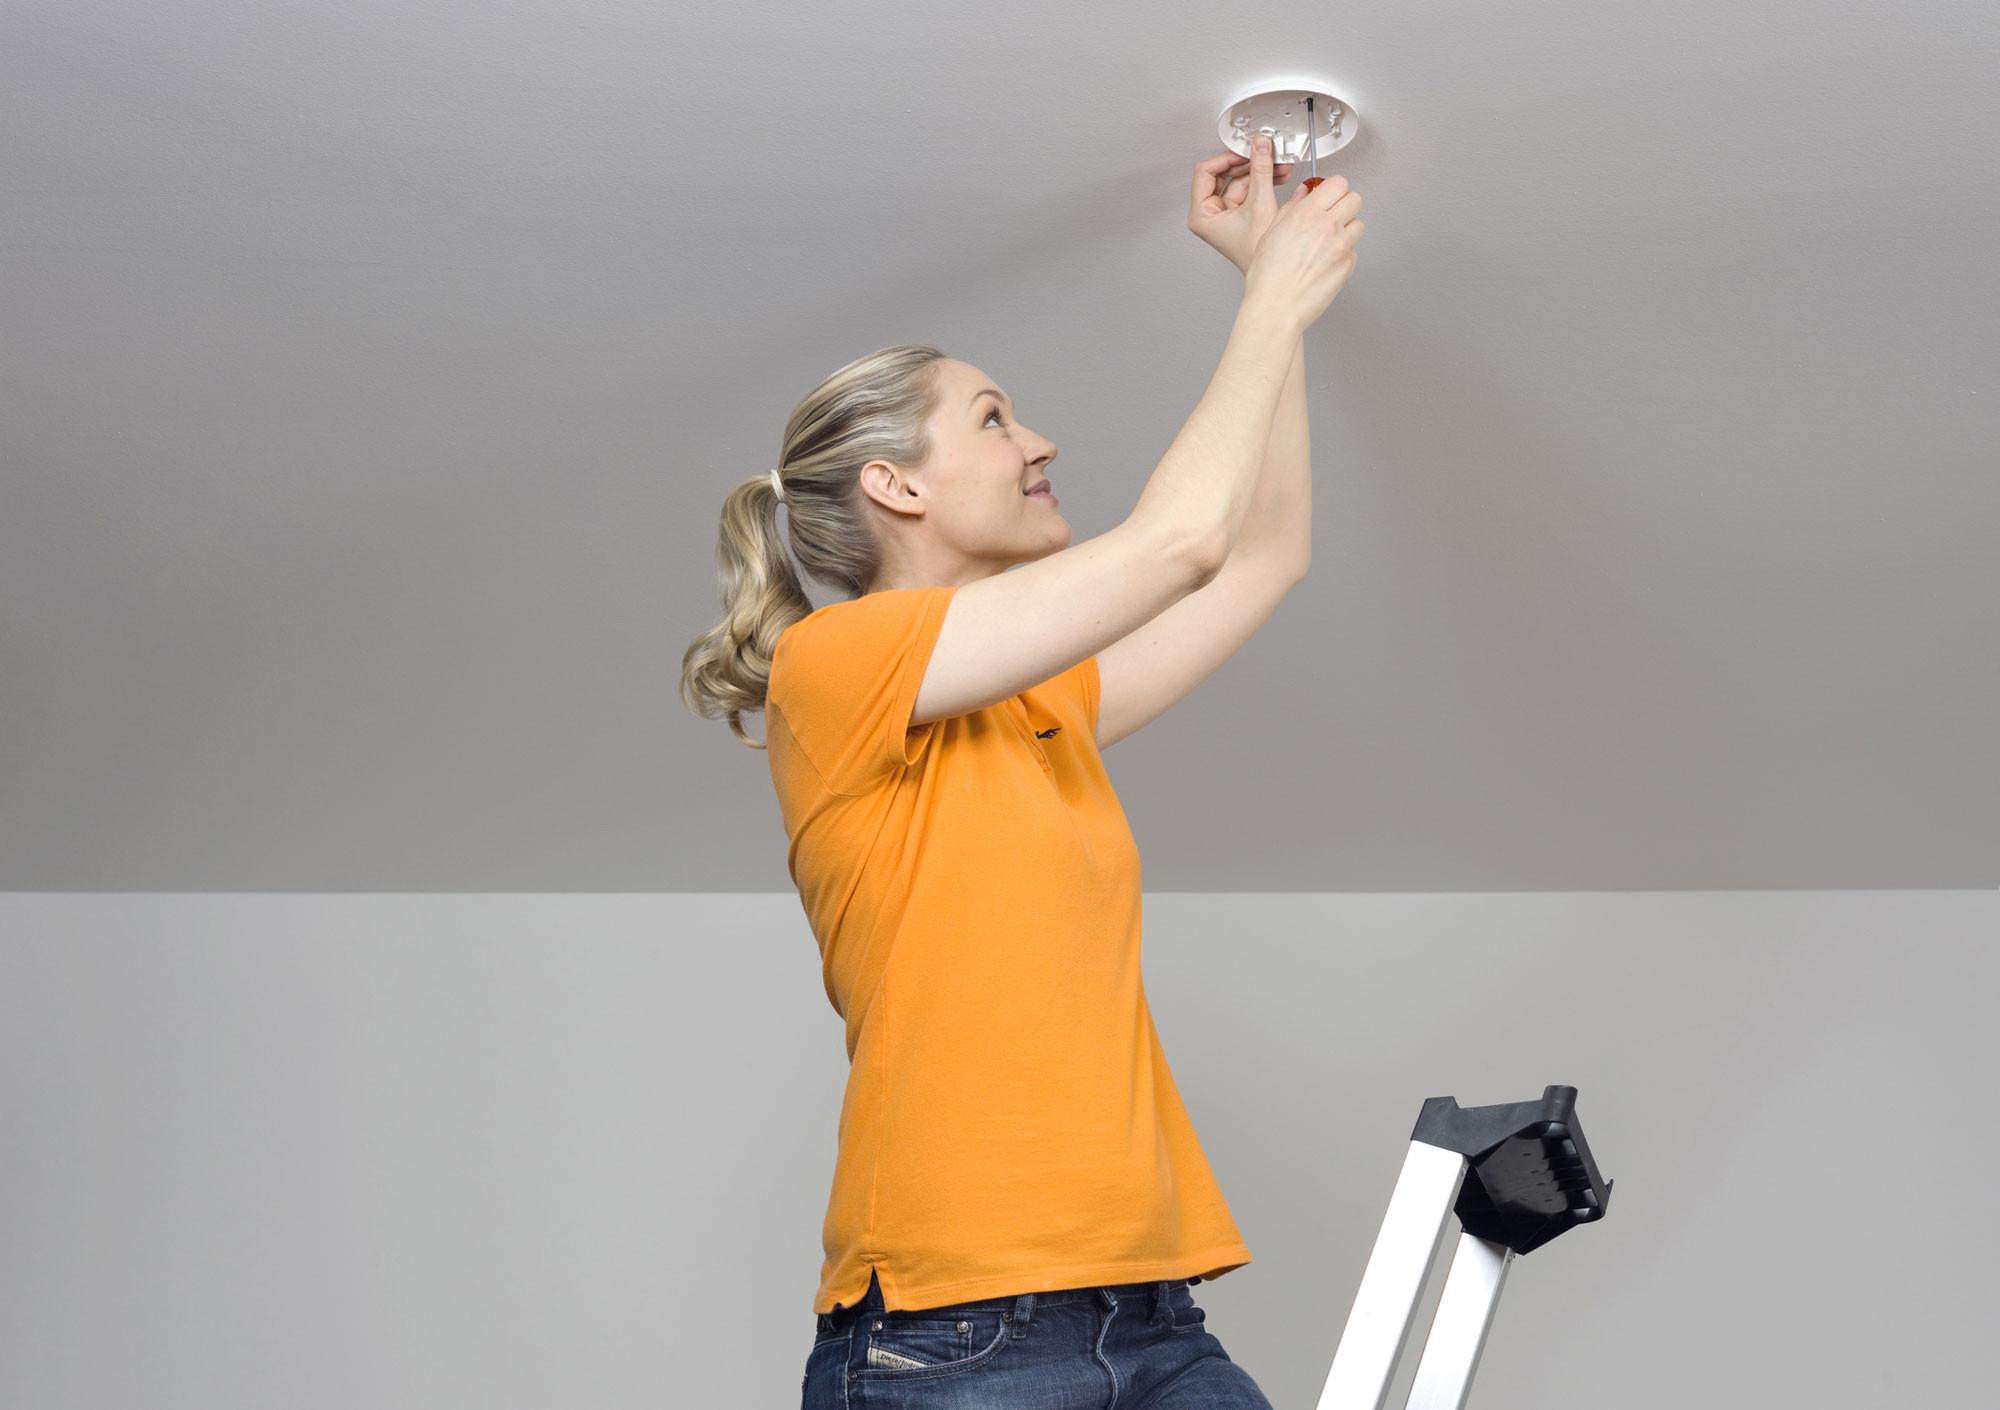 einbaupflichten von rauchwarnmeldern brandschutz brandmelder ger te baunetz wissen. Black Bedroom Furniture Sets. Home Design Ideas